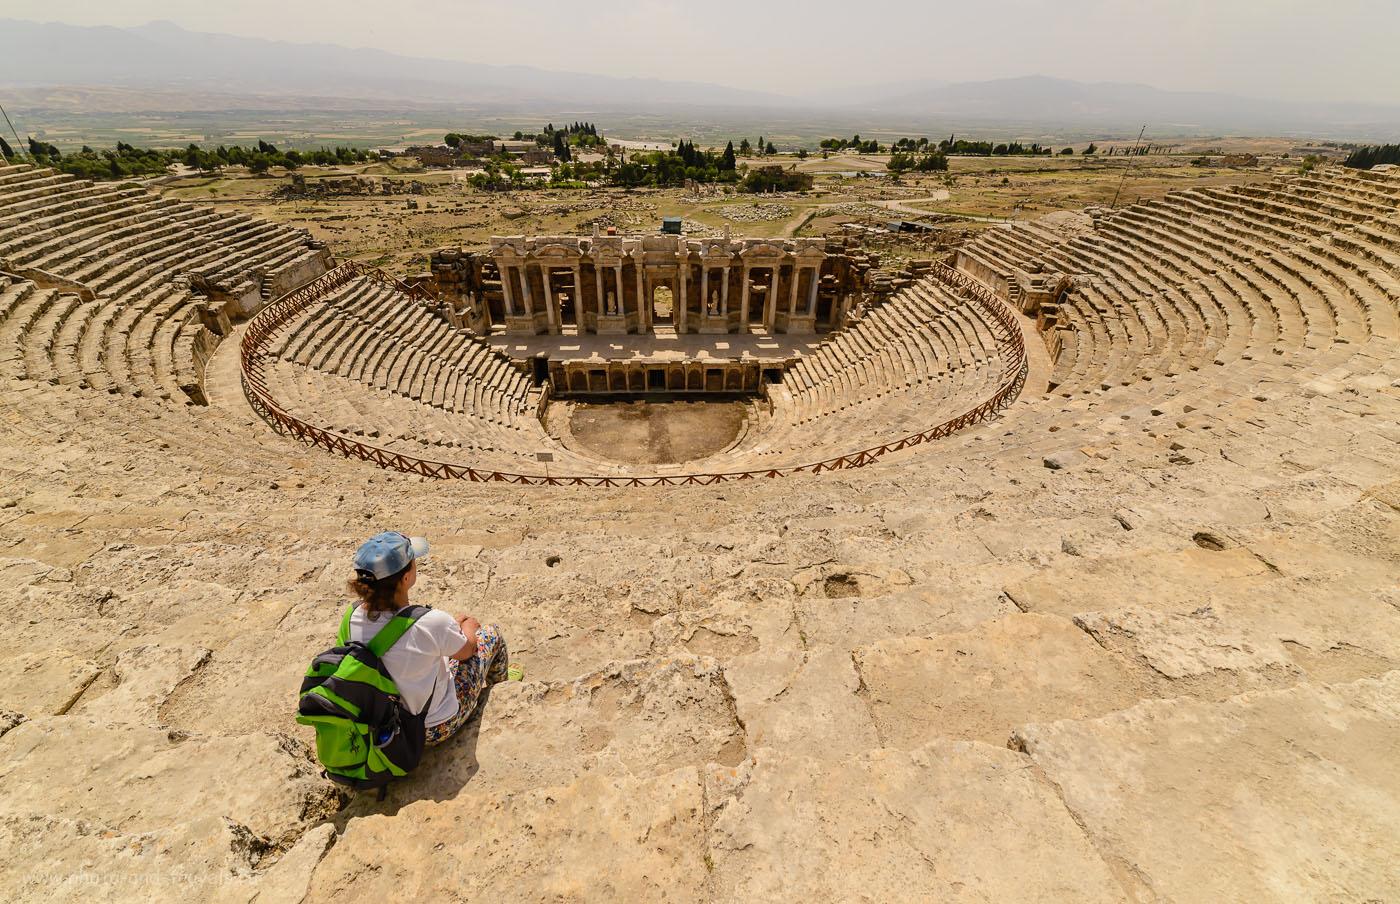 Фотография 32. Амфитеатр в античном городе Иераполис (Ἱεράπολις – священный город), рассчитанный на 10-12 тысяч зрителей. 1/2000, 8.0, 500, 14.